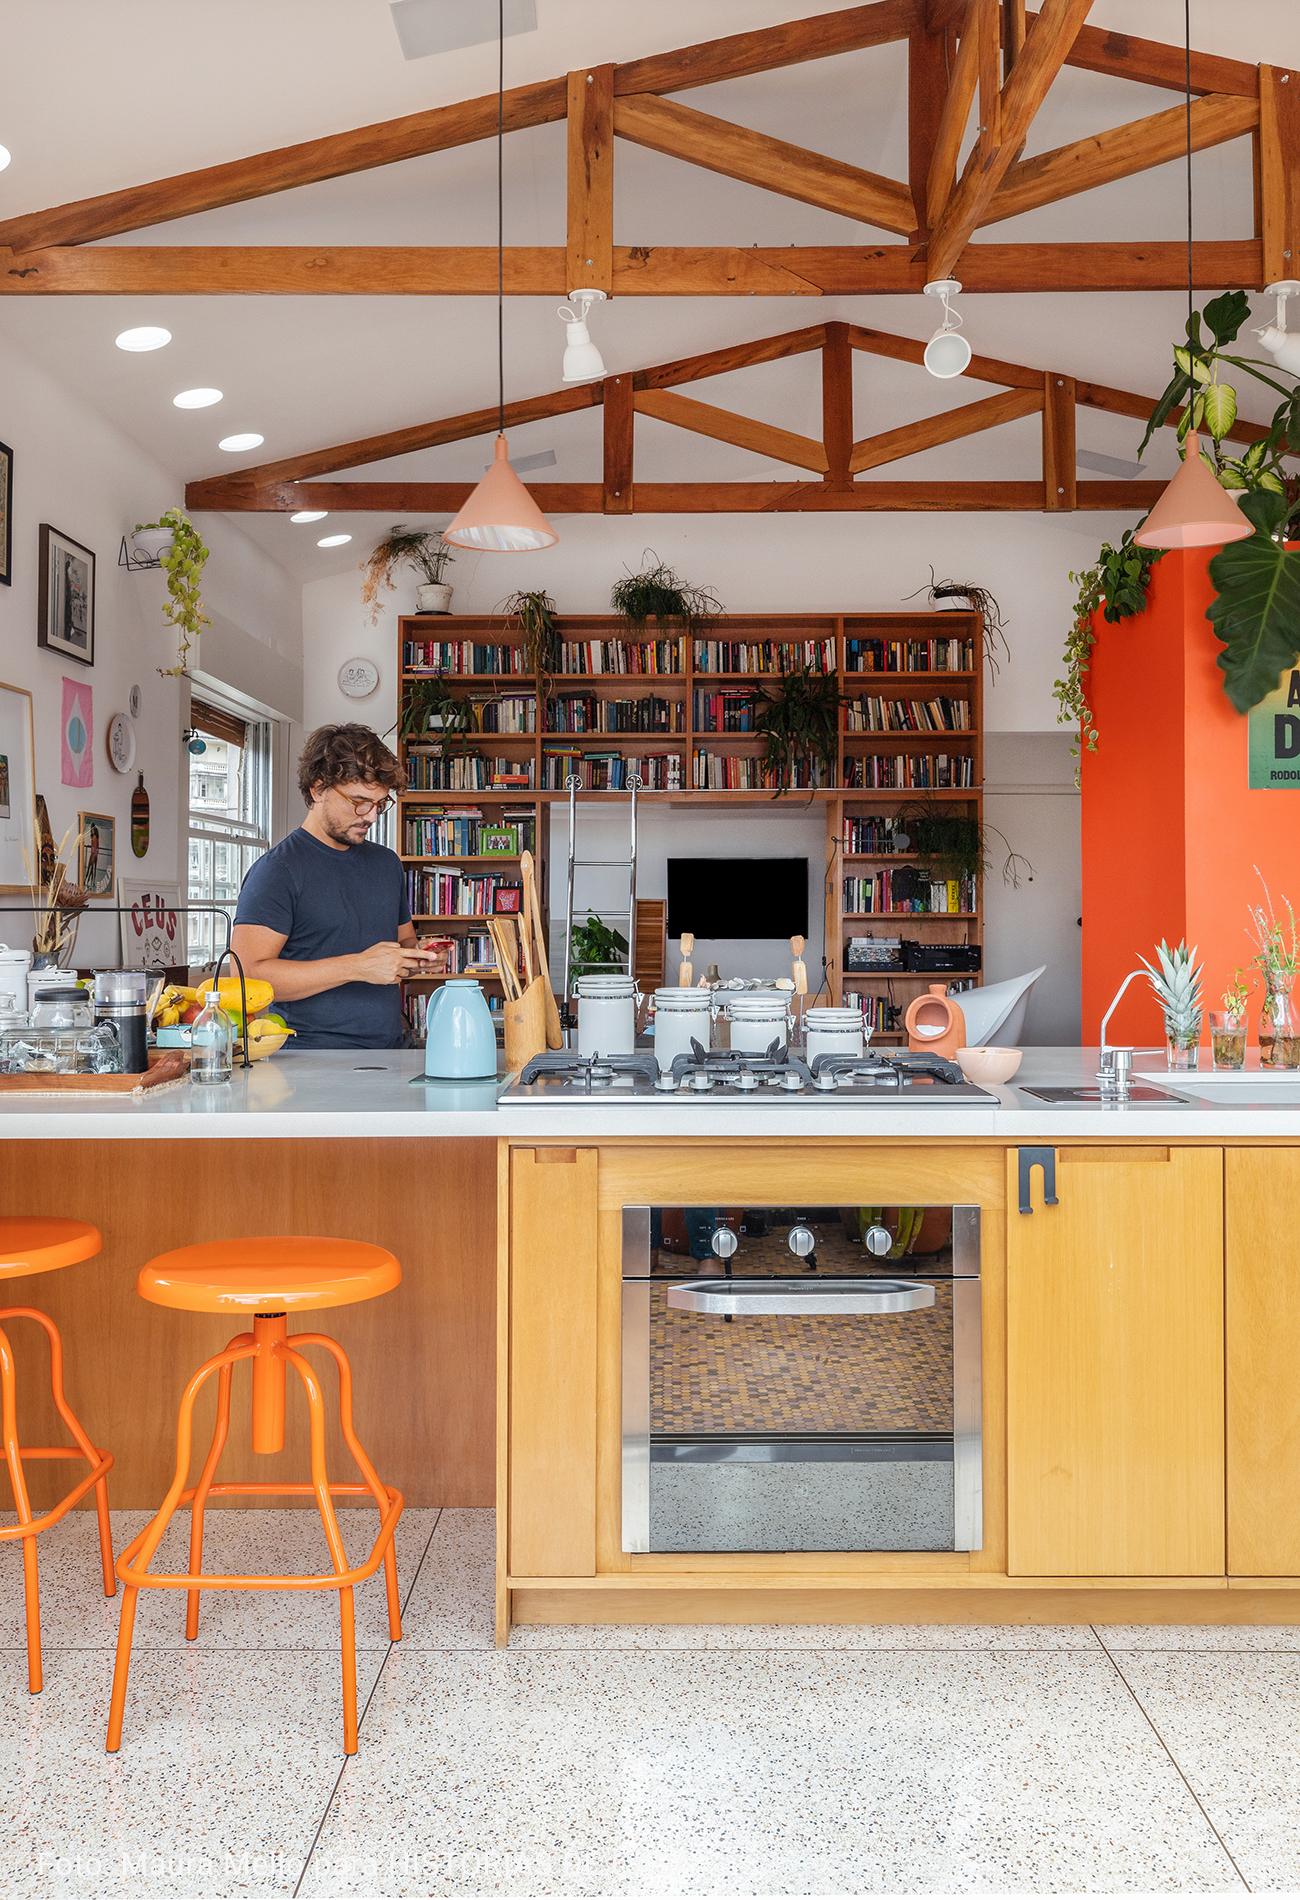 cozinha integrada com forno prateado